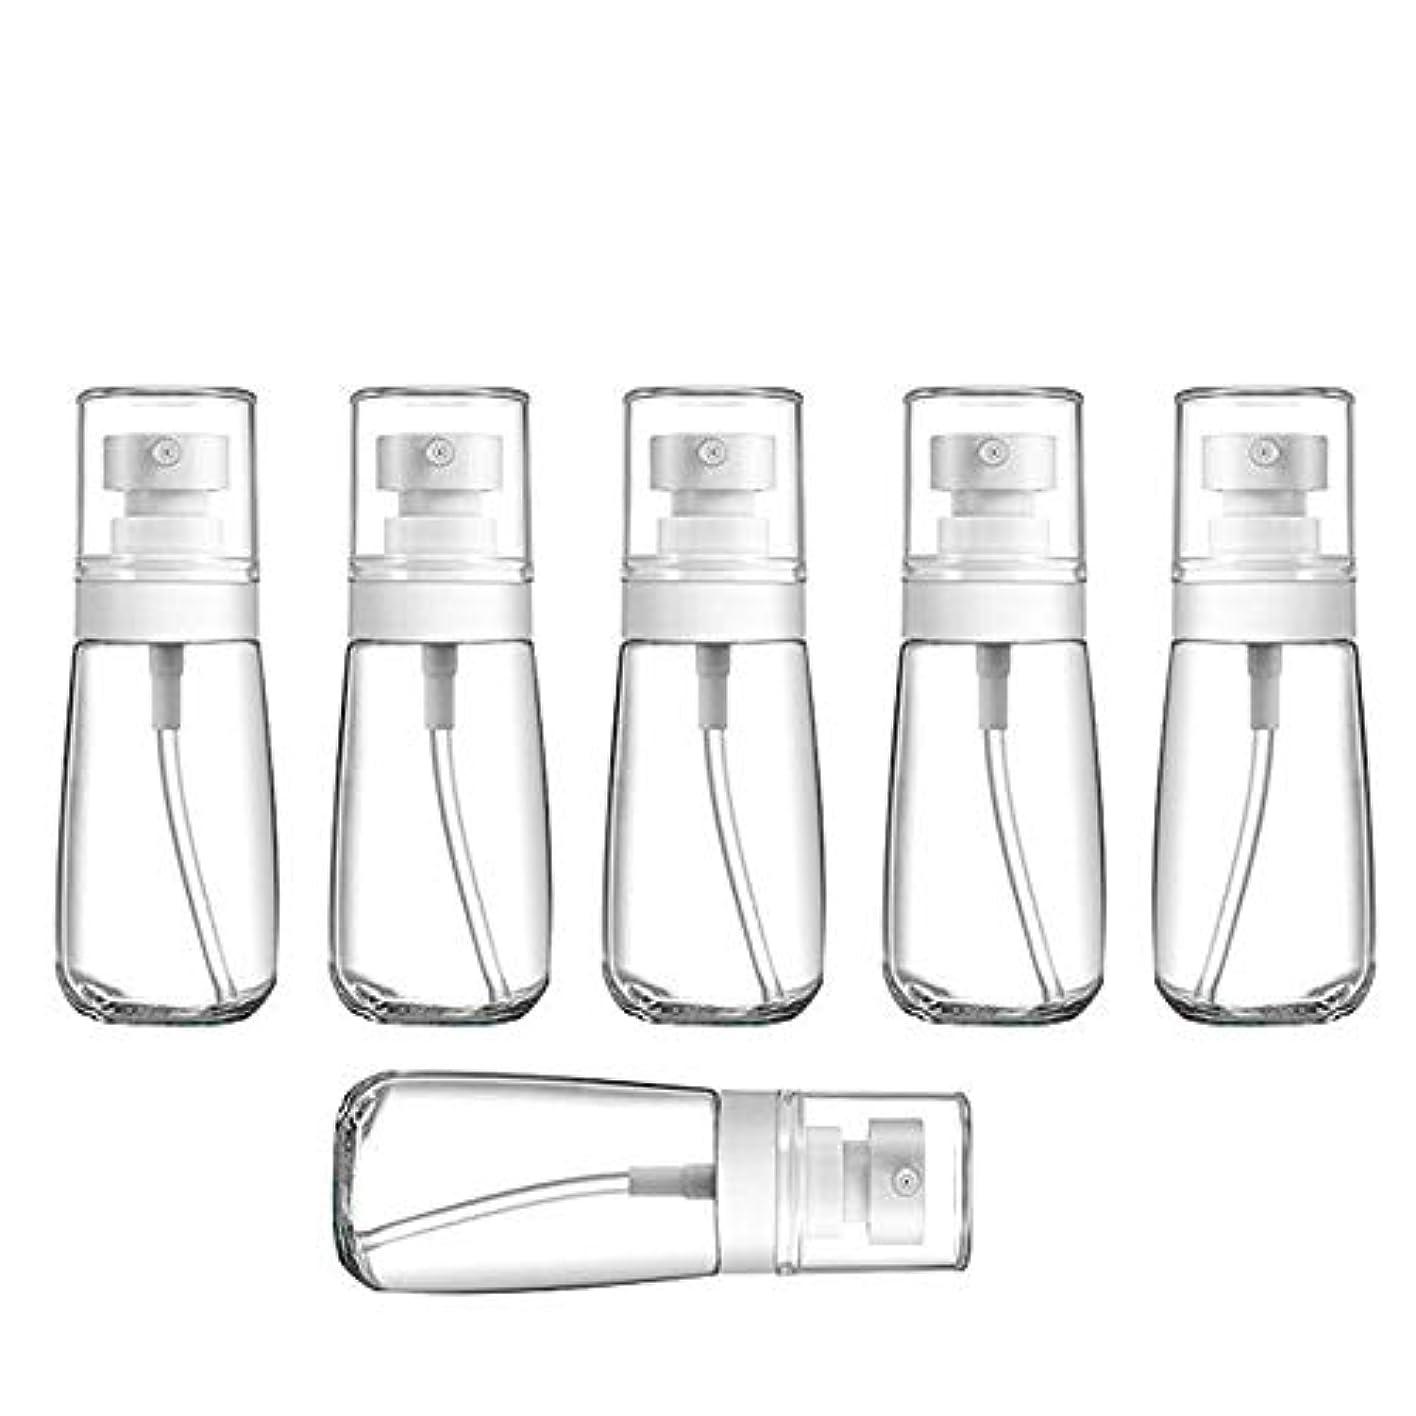 二層賛美歌複製YXC 良質の PETG小分けボトル トラベルボトル スプレーボトル 家に清潔消毒 緑の植物に水遣る 6本セット 日本小スプレーボトル 化粧水 詰替用ボトル 旅行用品 (60ML6本)